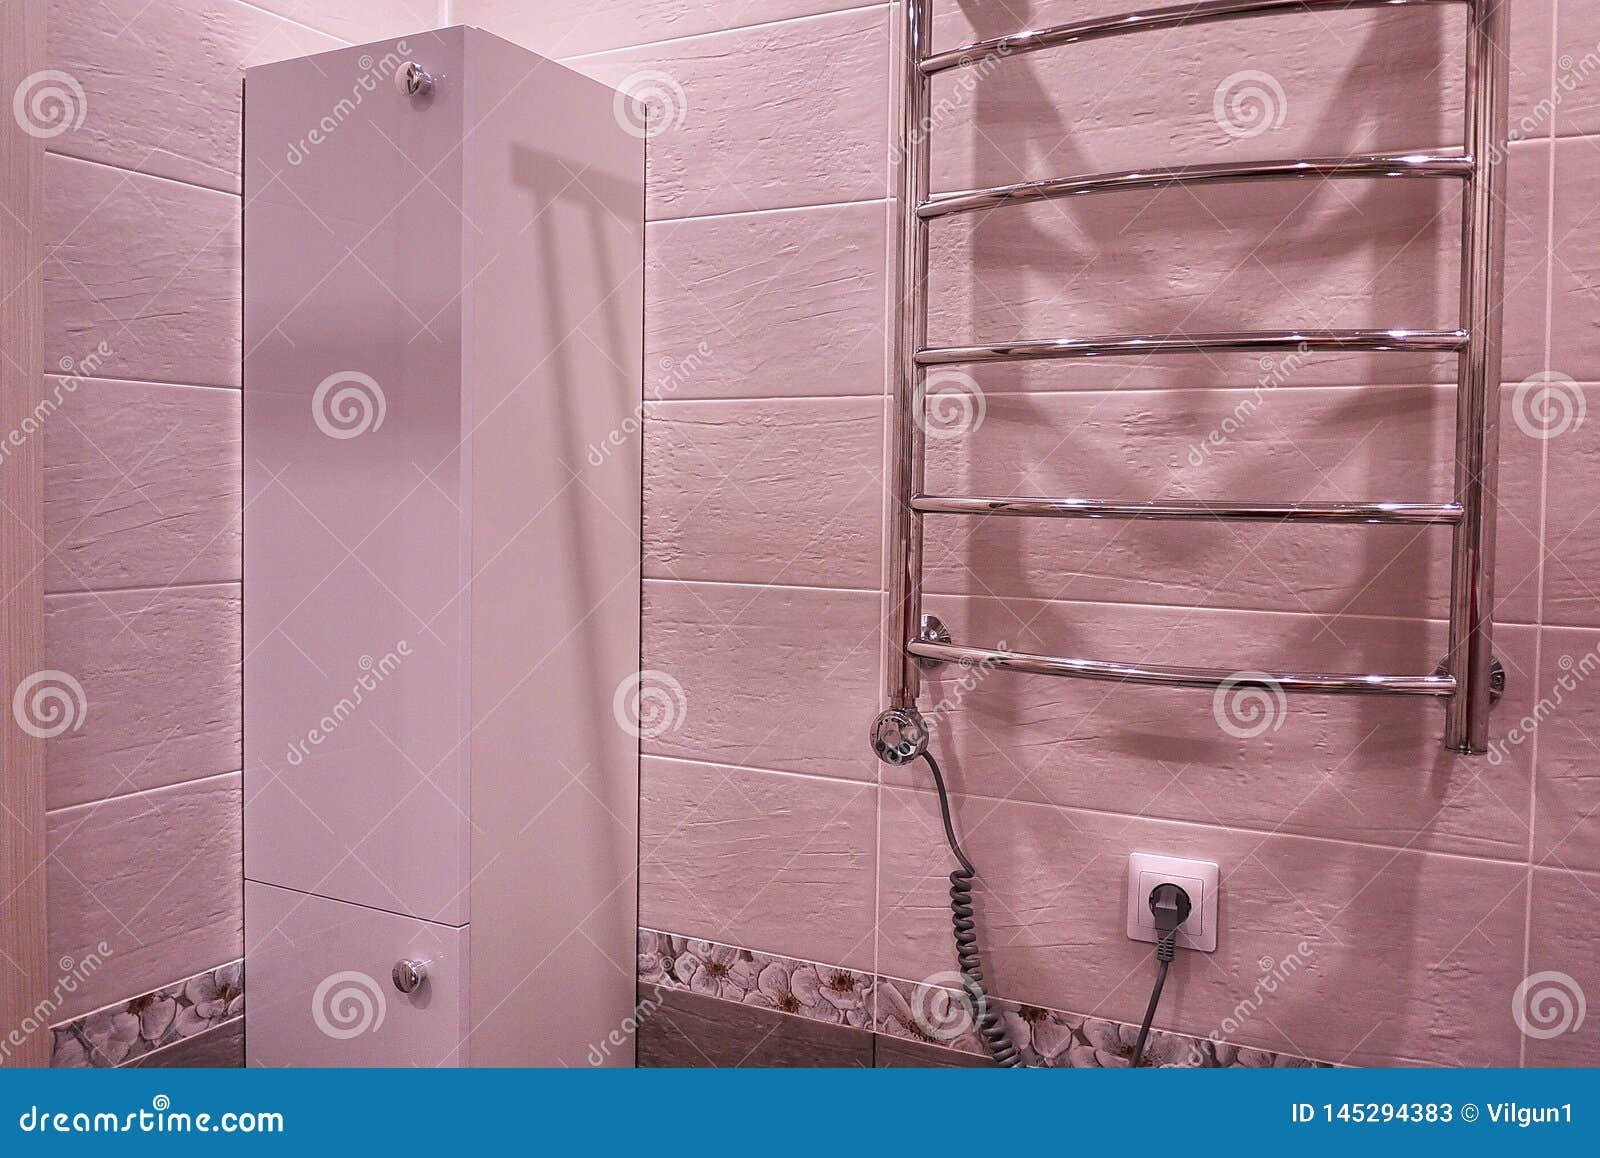 壁橱在卫生间里 E E